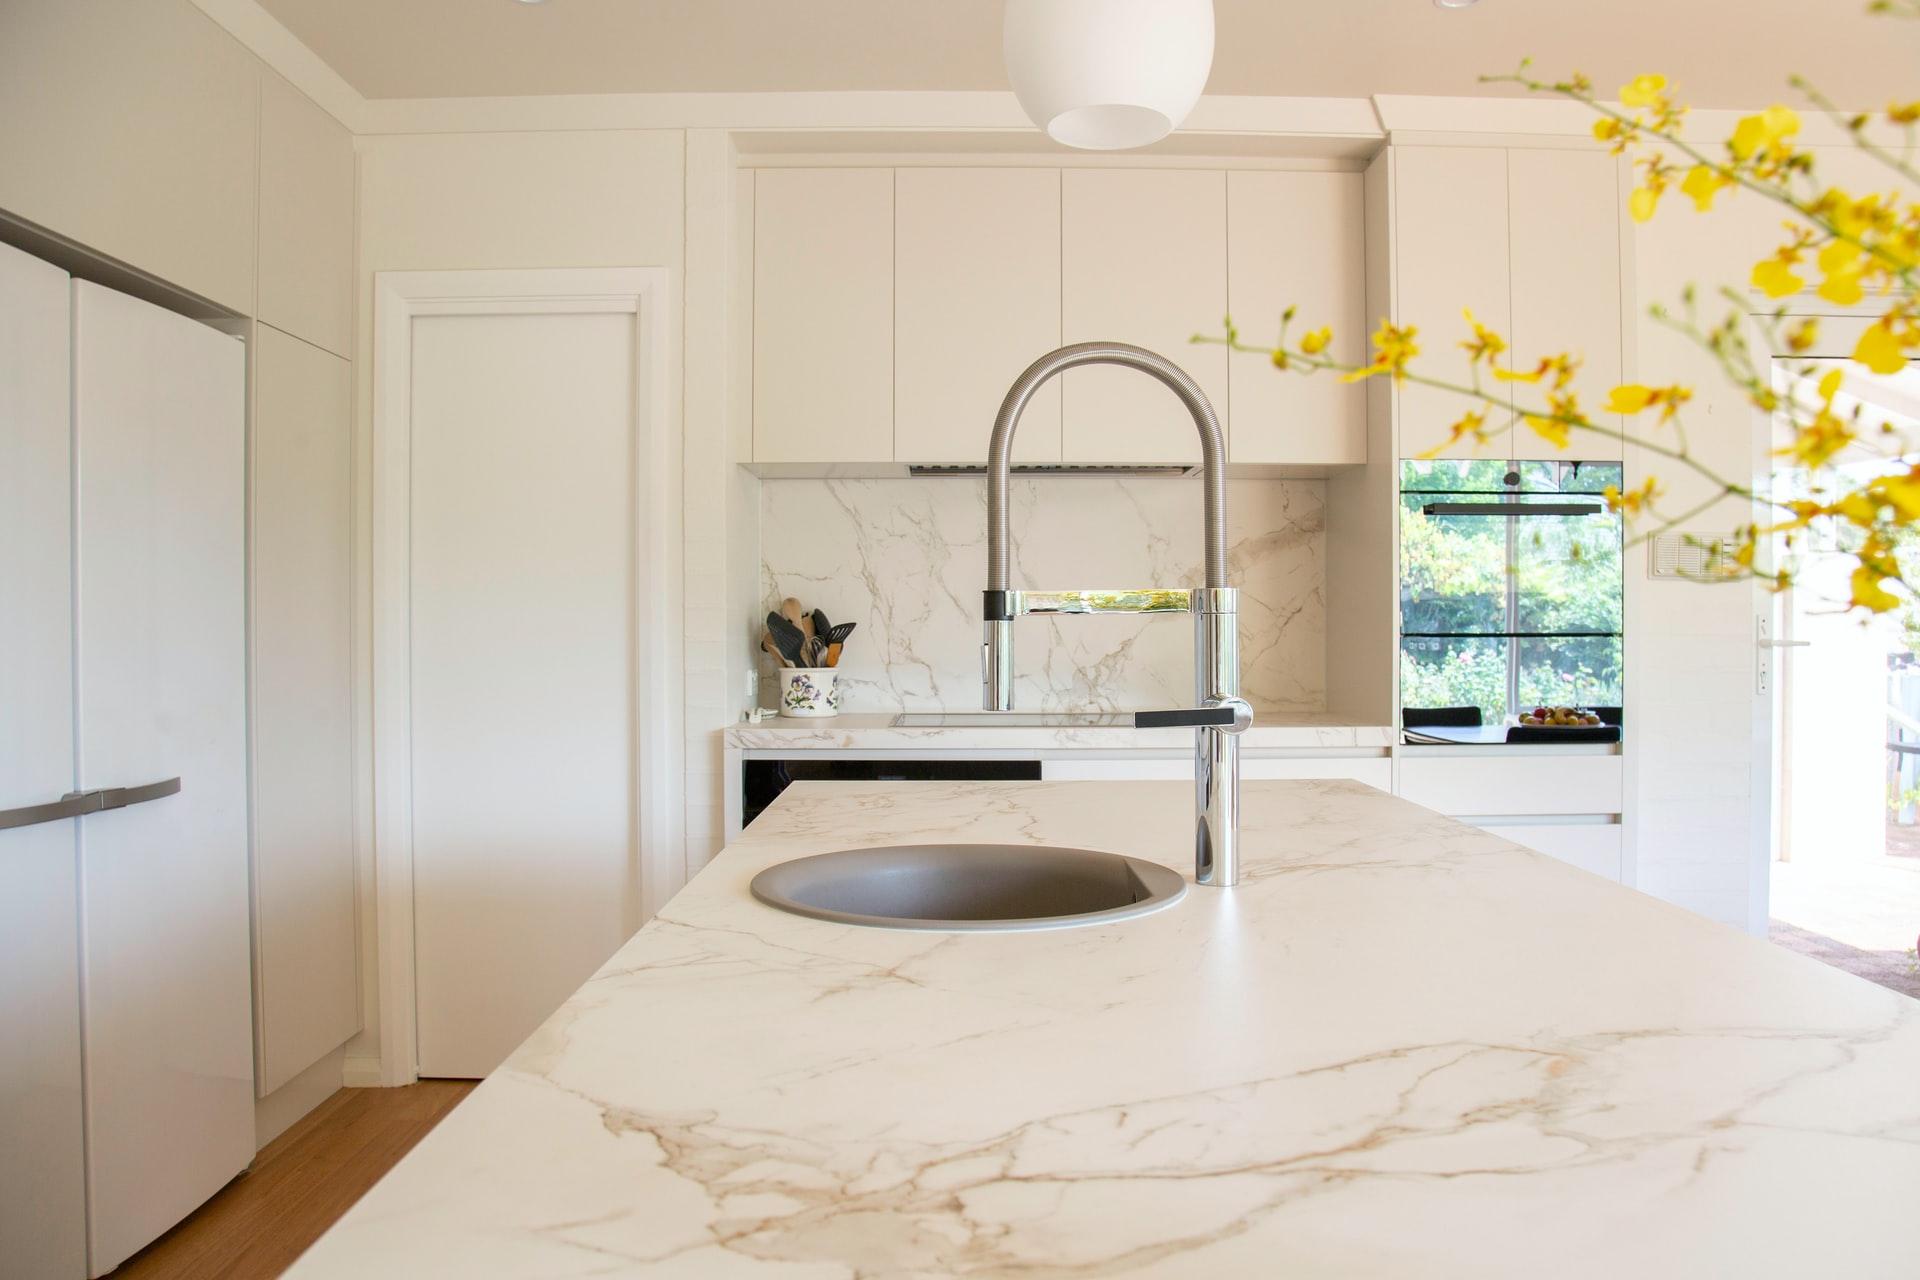 Na foto uma cozinha com bancada de mármore e flores amarelas.